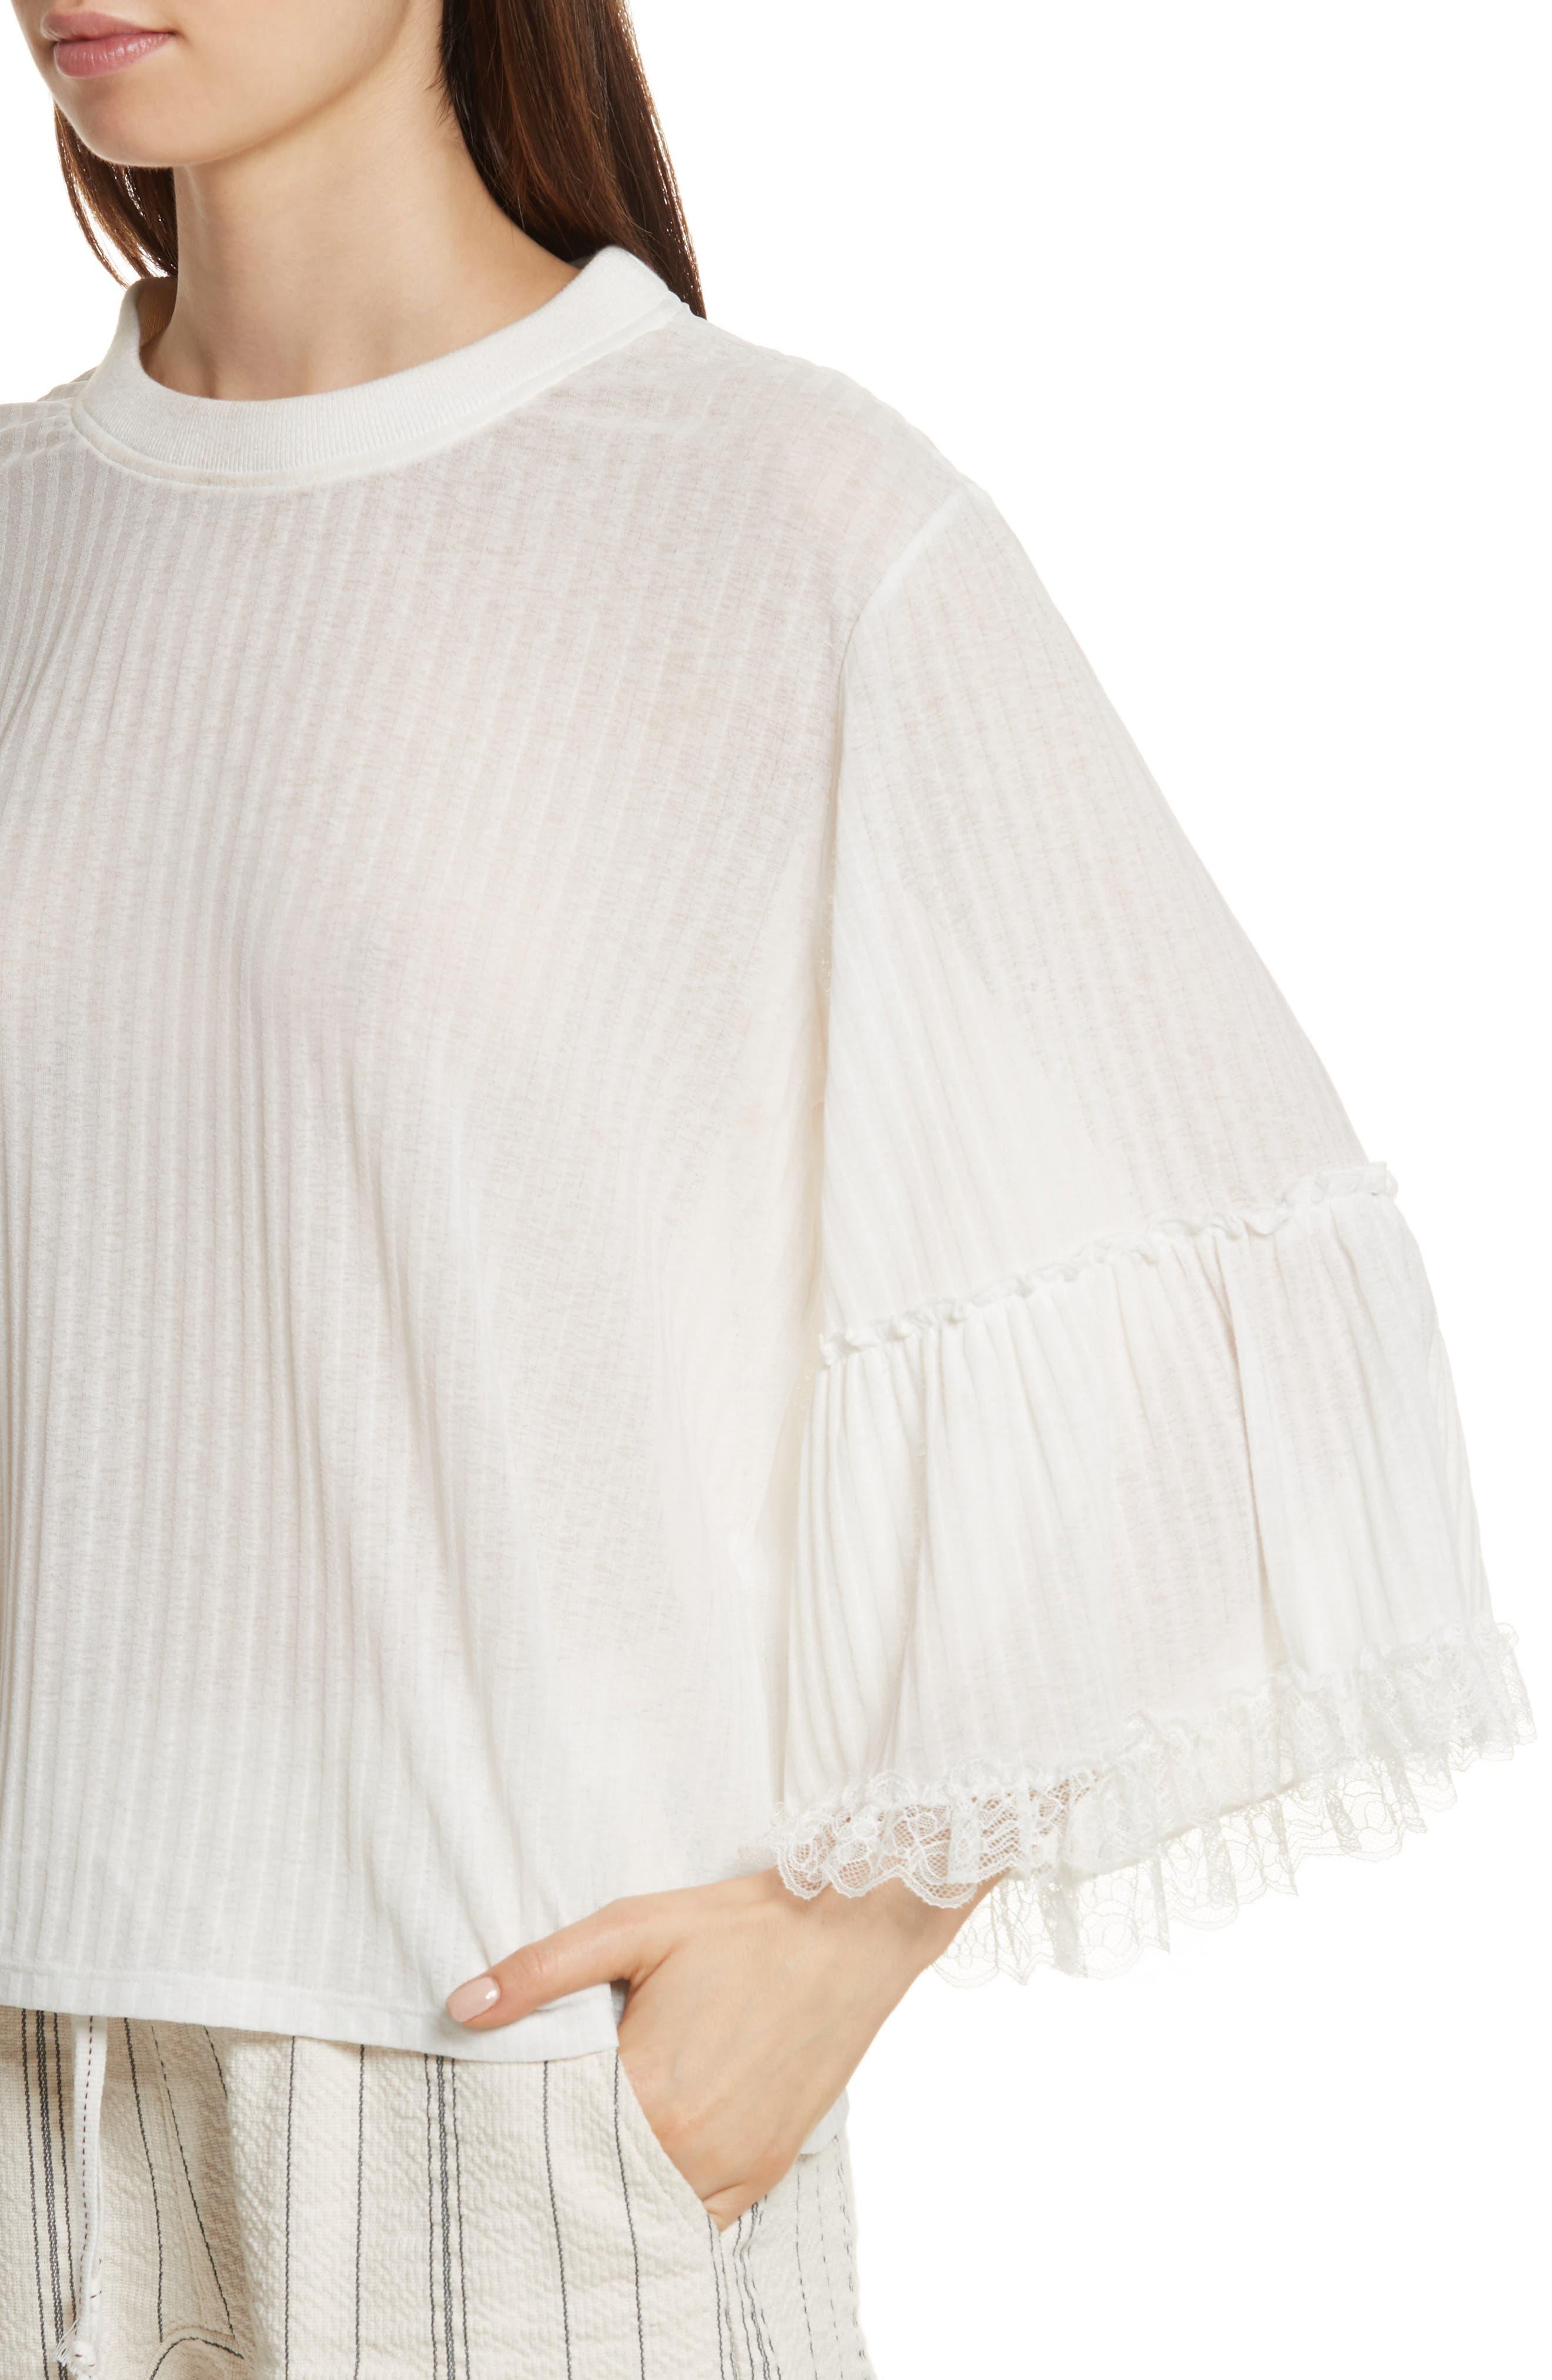 Lace Trim Top,                             Alternate thumbnail 4, color,                             White